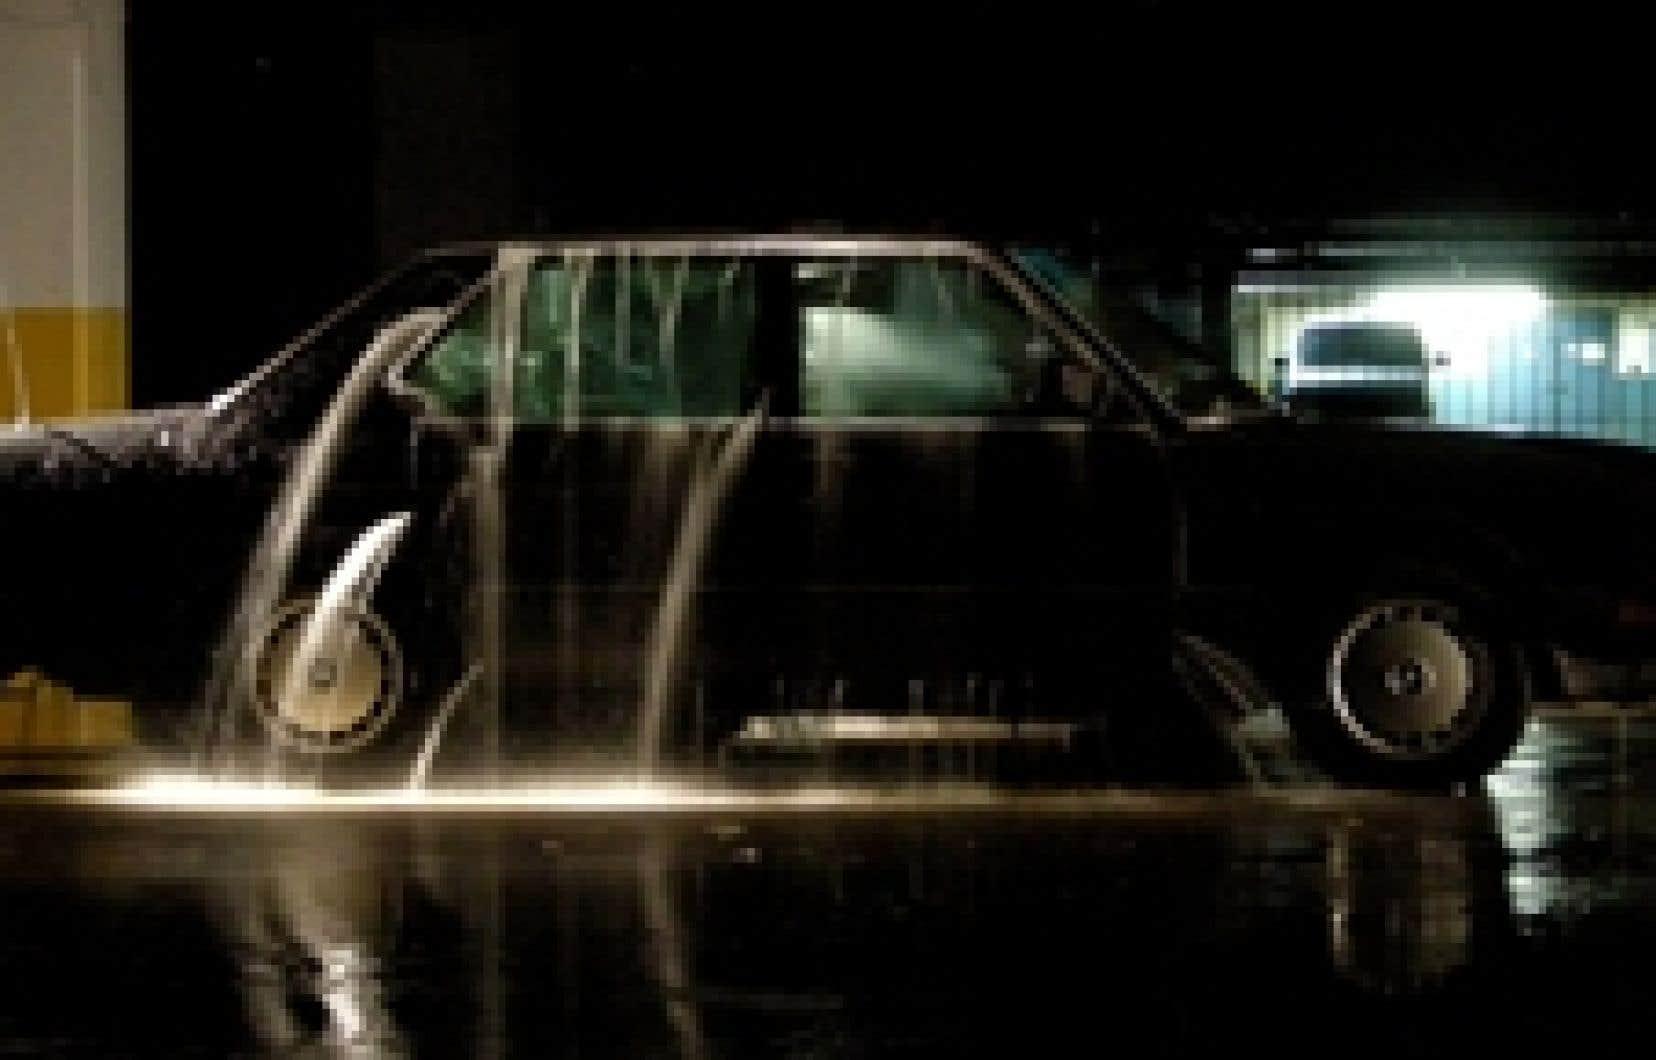 nancy belzile Du film qui clôt l'aventure Chrysalides / Fashion Plaza de Patrick Bernatchez — un plan-séquence autour d'une auto qui se remplit d'eau sous un rock progressif fortement narratif —, l'artiste donne un résumé éloquent: «C